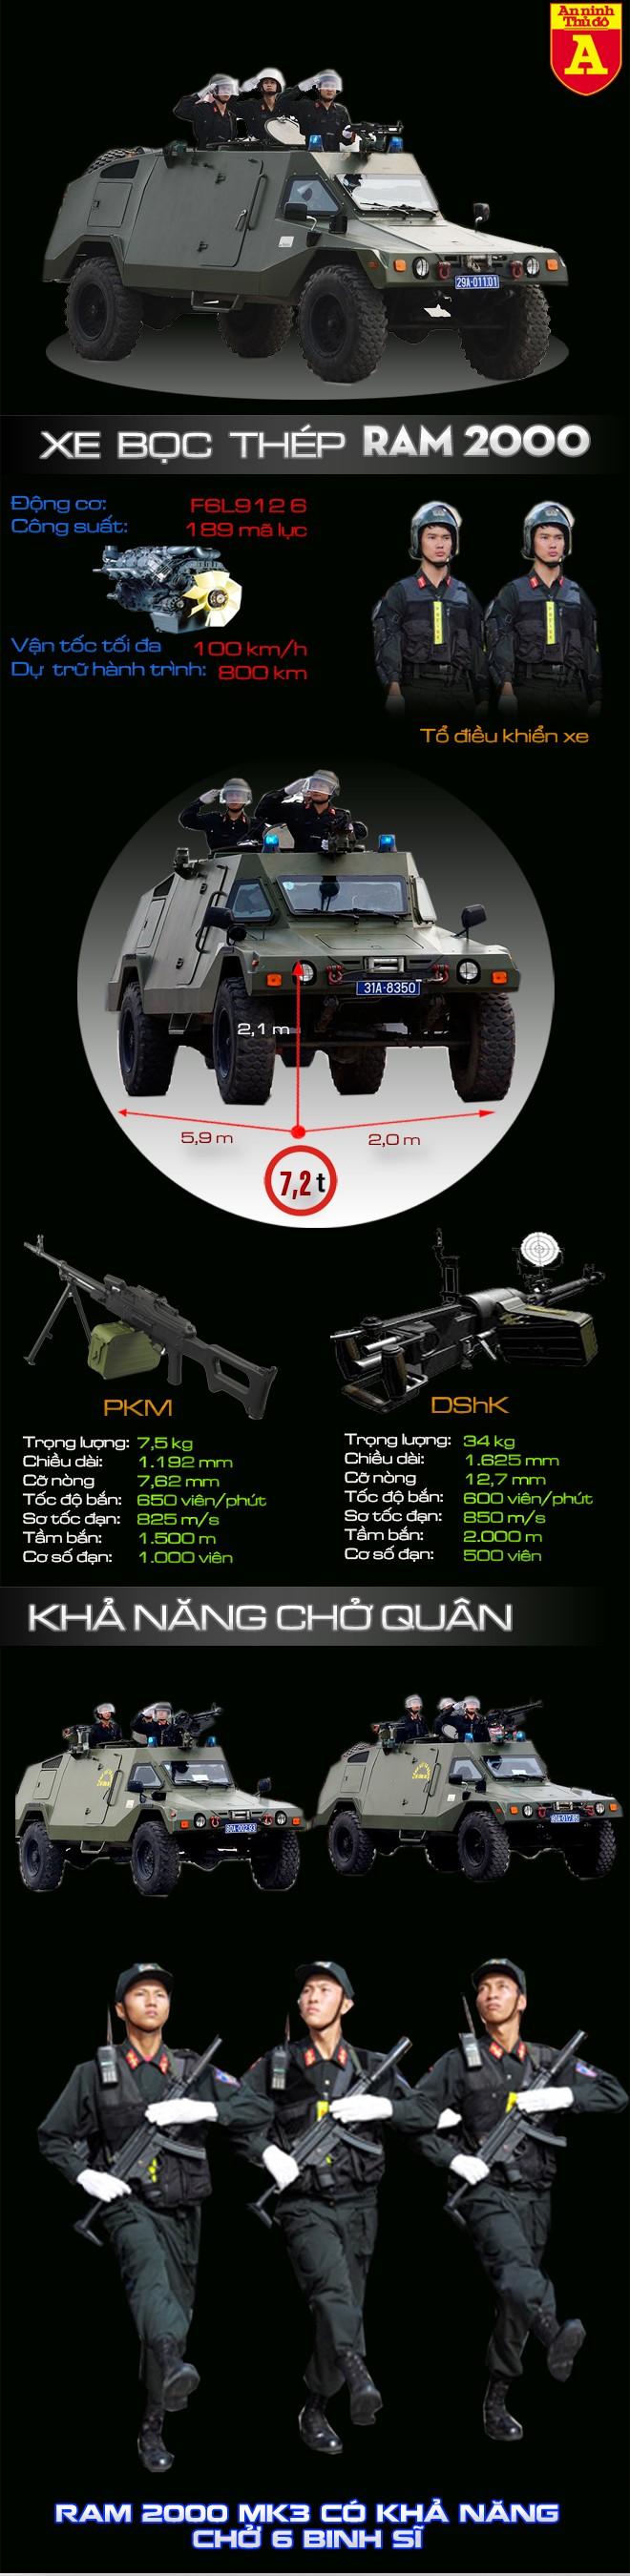 """[Infographic] Bất ngờ với """"Hổ thép"""" RAM 2000 hiện đại của Việt Nam tham gia bảo vệ APEC ảnh 2"""